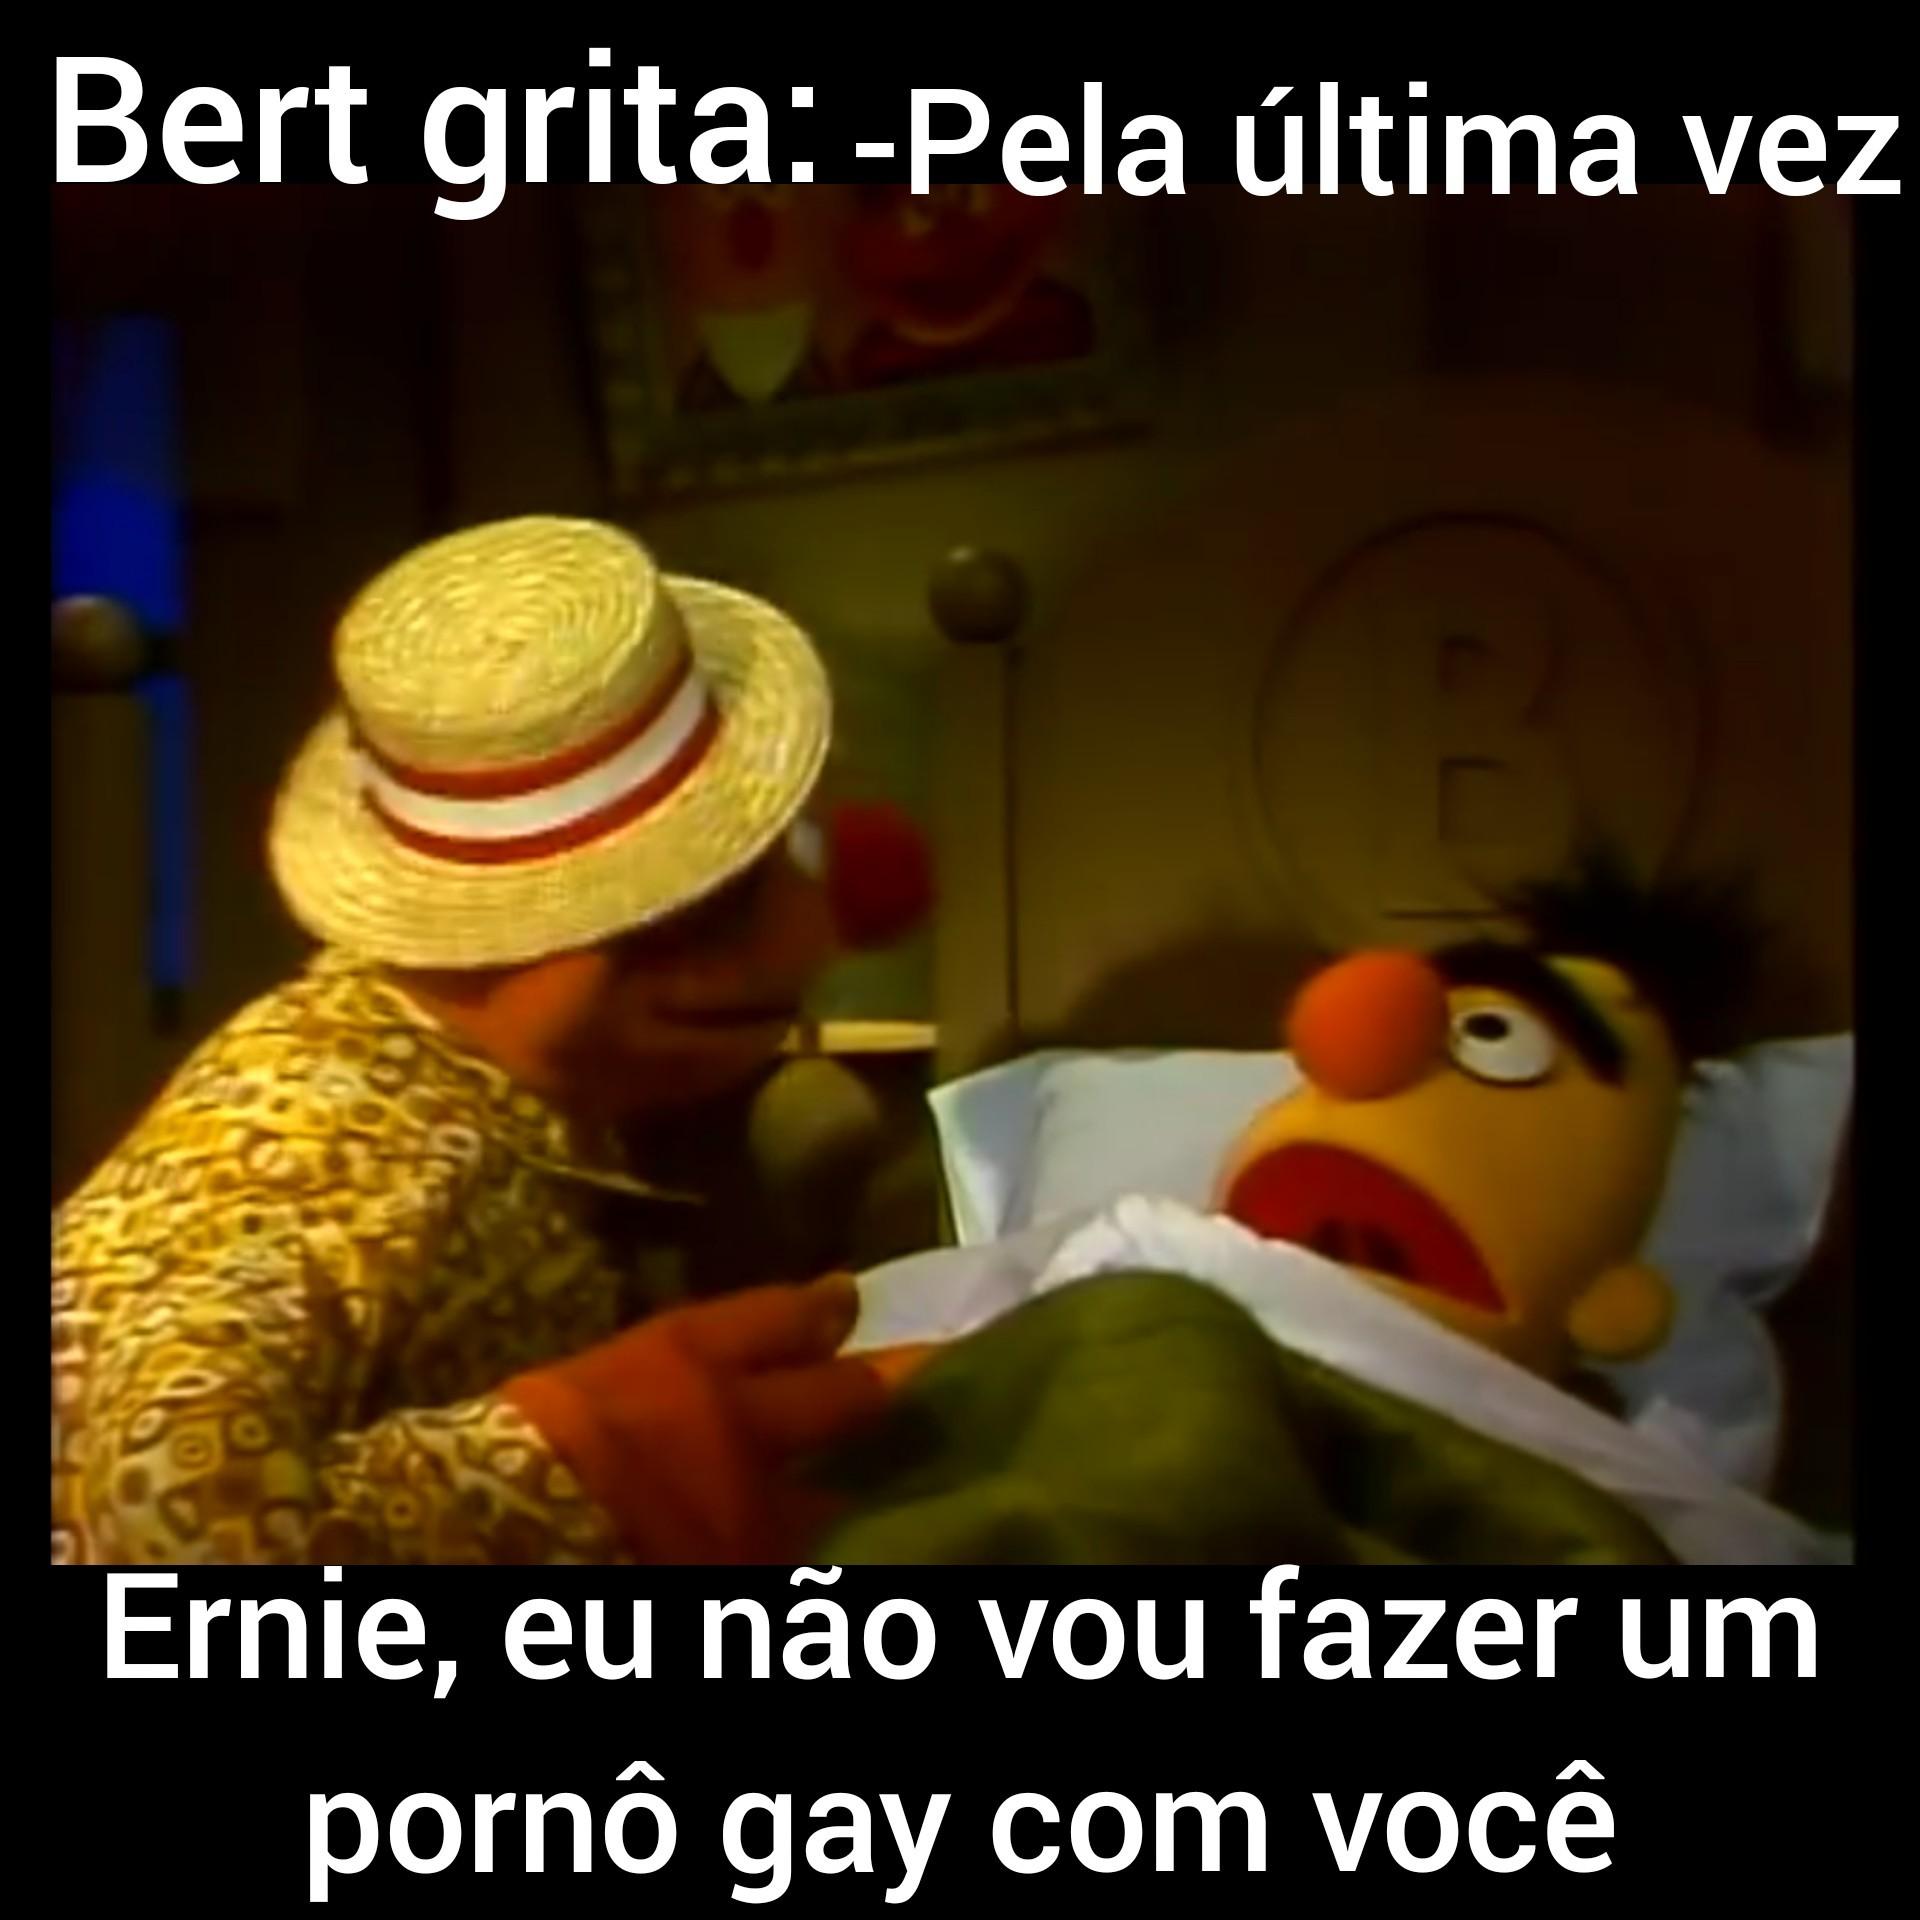 Não, sei Ernie! - meme